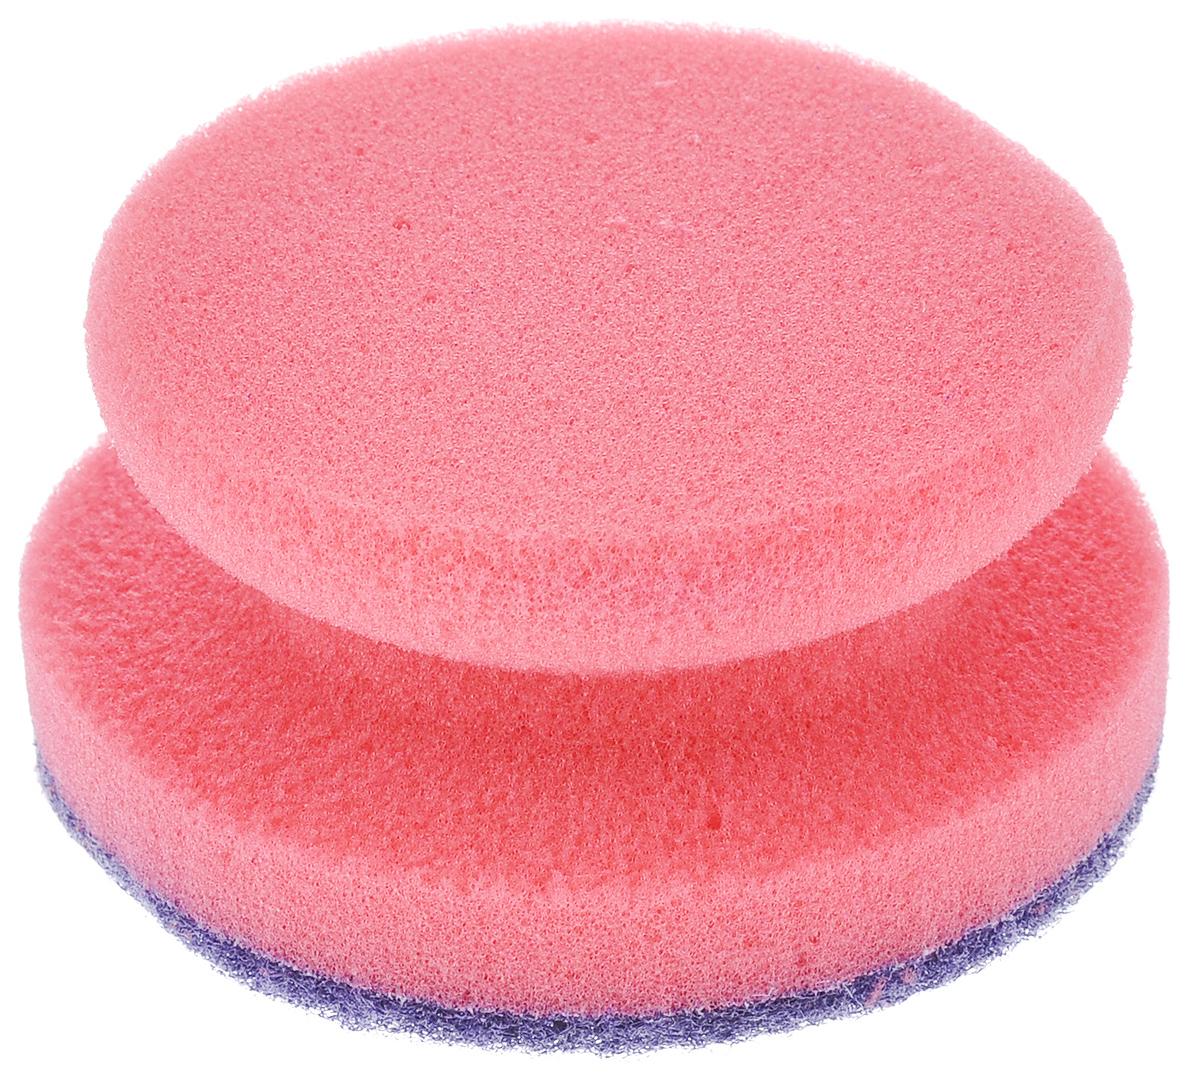 Губка для посуды La Chista Анатомик, с держателем, цвет: розовый, 9,5 см х 9,5 см х 4,5 смVCA-00Круглая губка La Chista Анатомик, изготовленная из мягкого поролона с абразивными материалами, предназначена для уборки и мытья посуды. Они идеально удаляют жир, грязь и пригоревшую пищу. Форма губки позволяет удобно ее удерживать.Особенности:Изготовлены из экологически чистого сырья.Не содержит фреонов и метилгидрохлорида.Высокая плотность поролона экономит моющее средство.